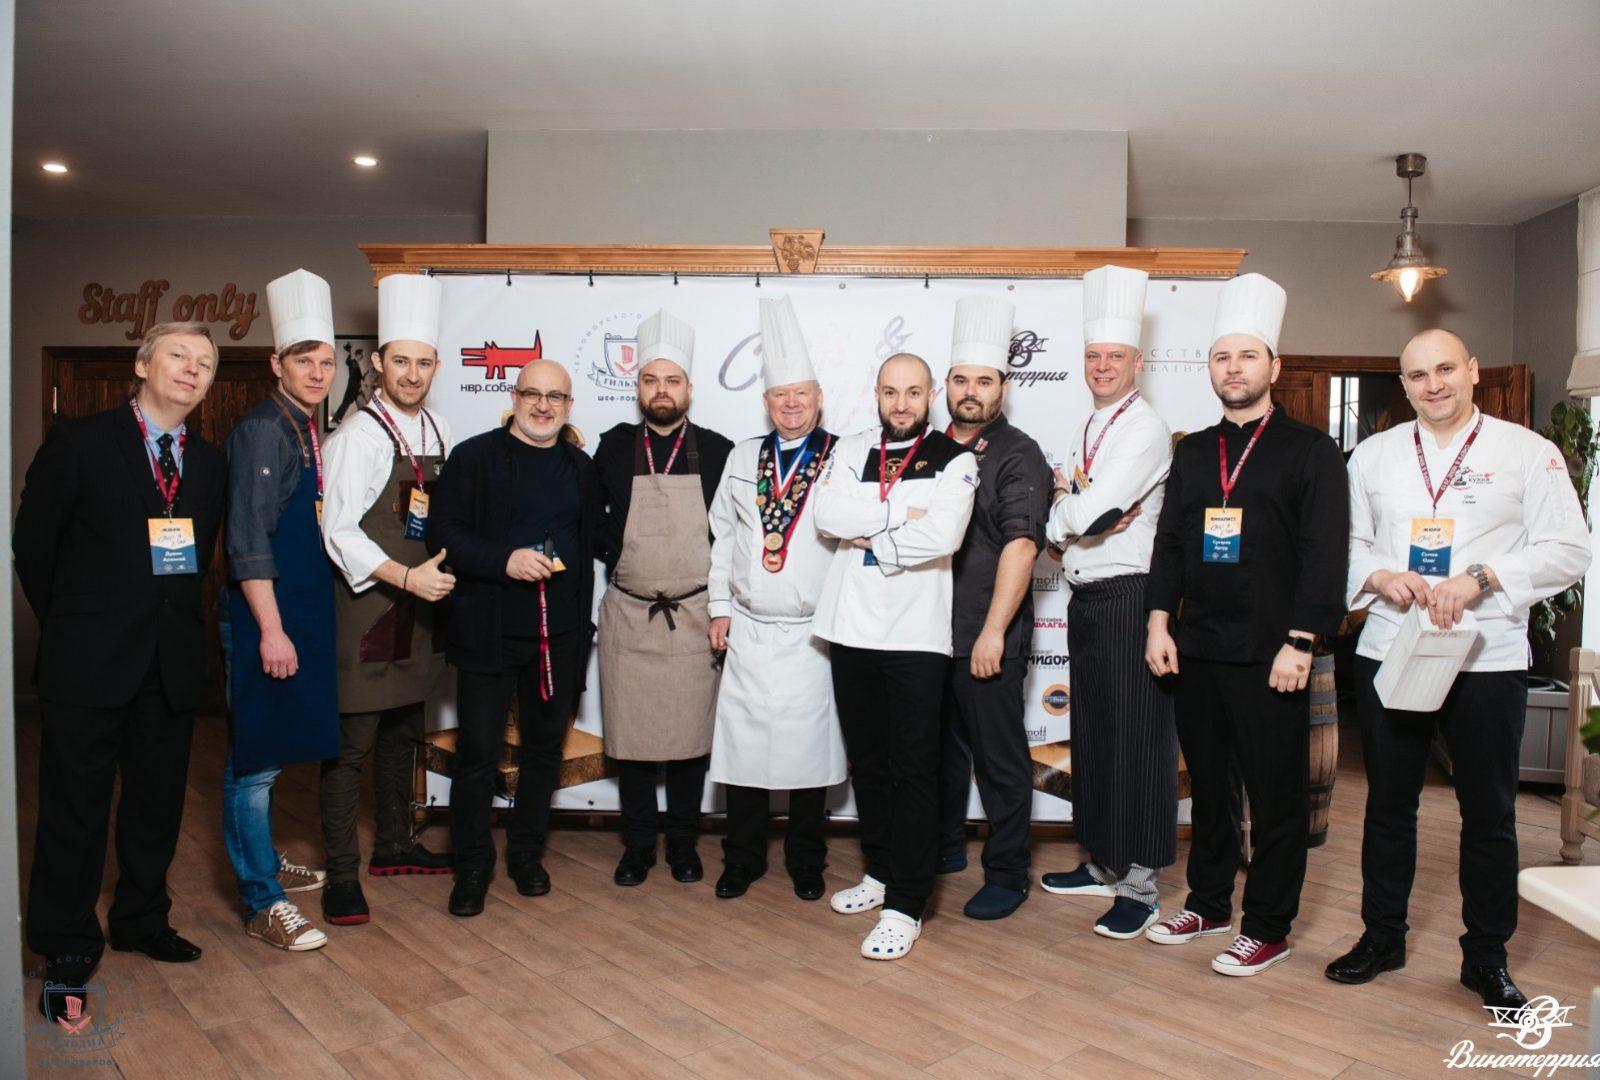 vinoterria-chefsandwine-11